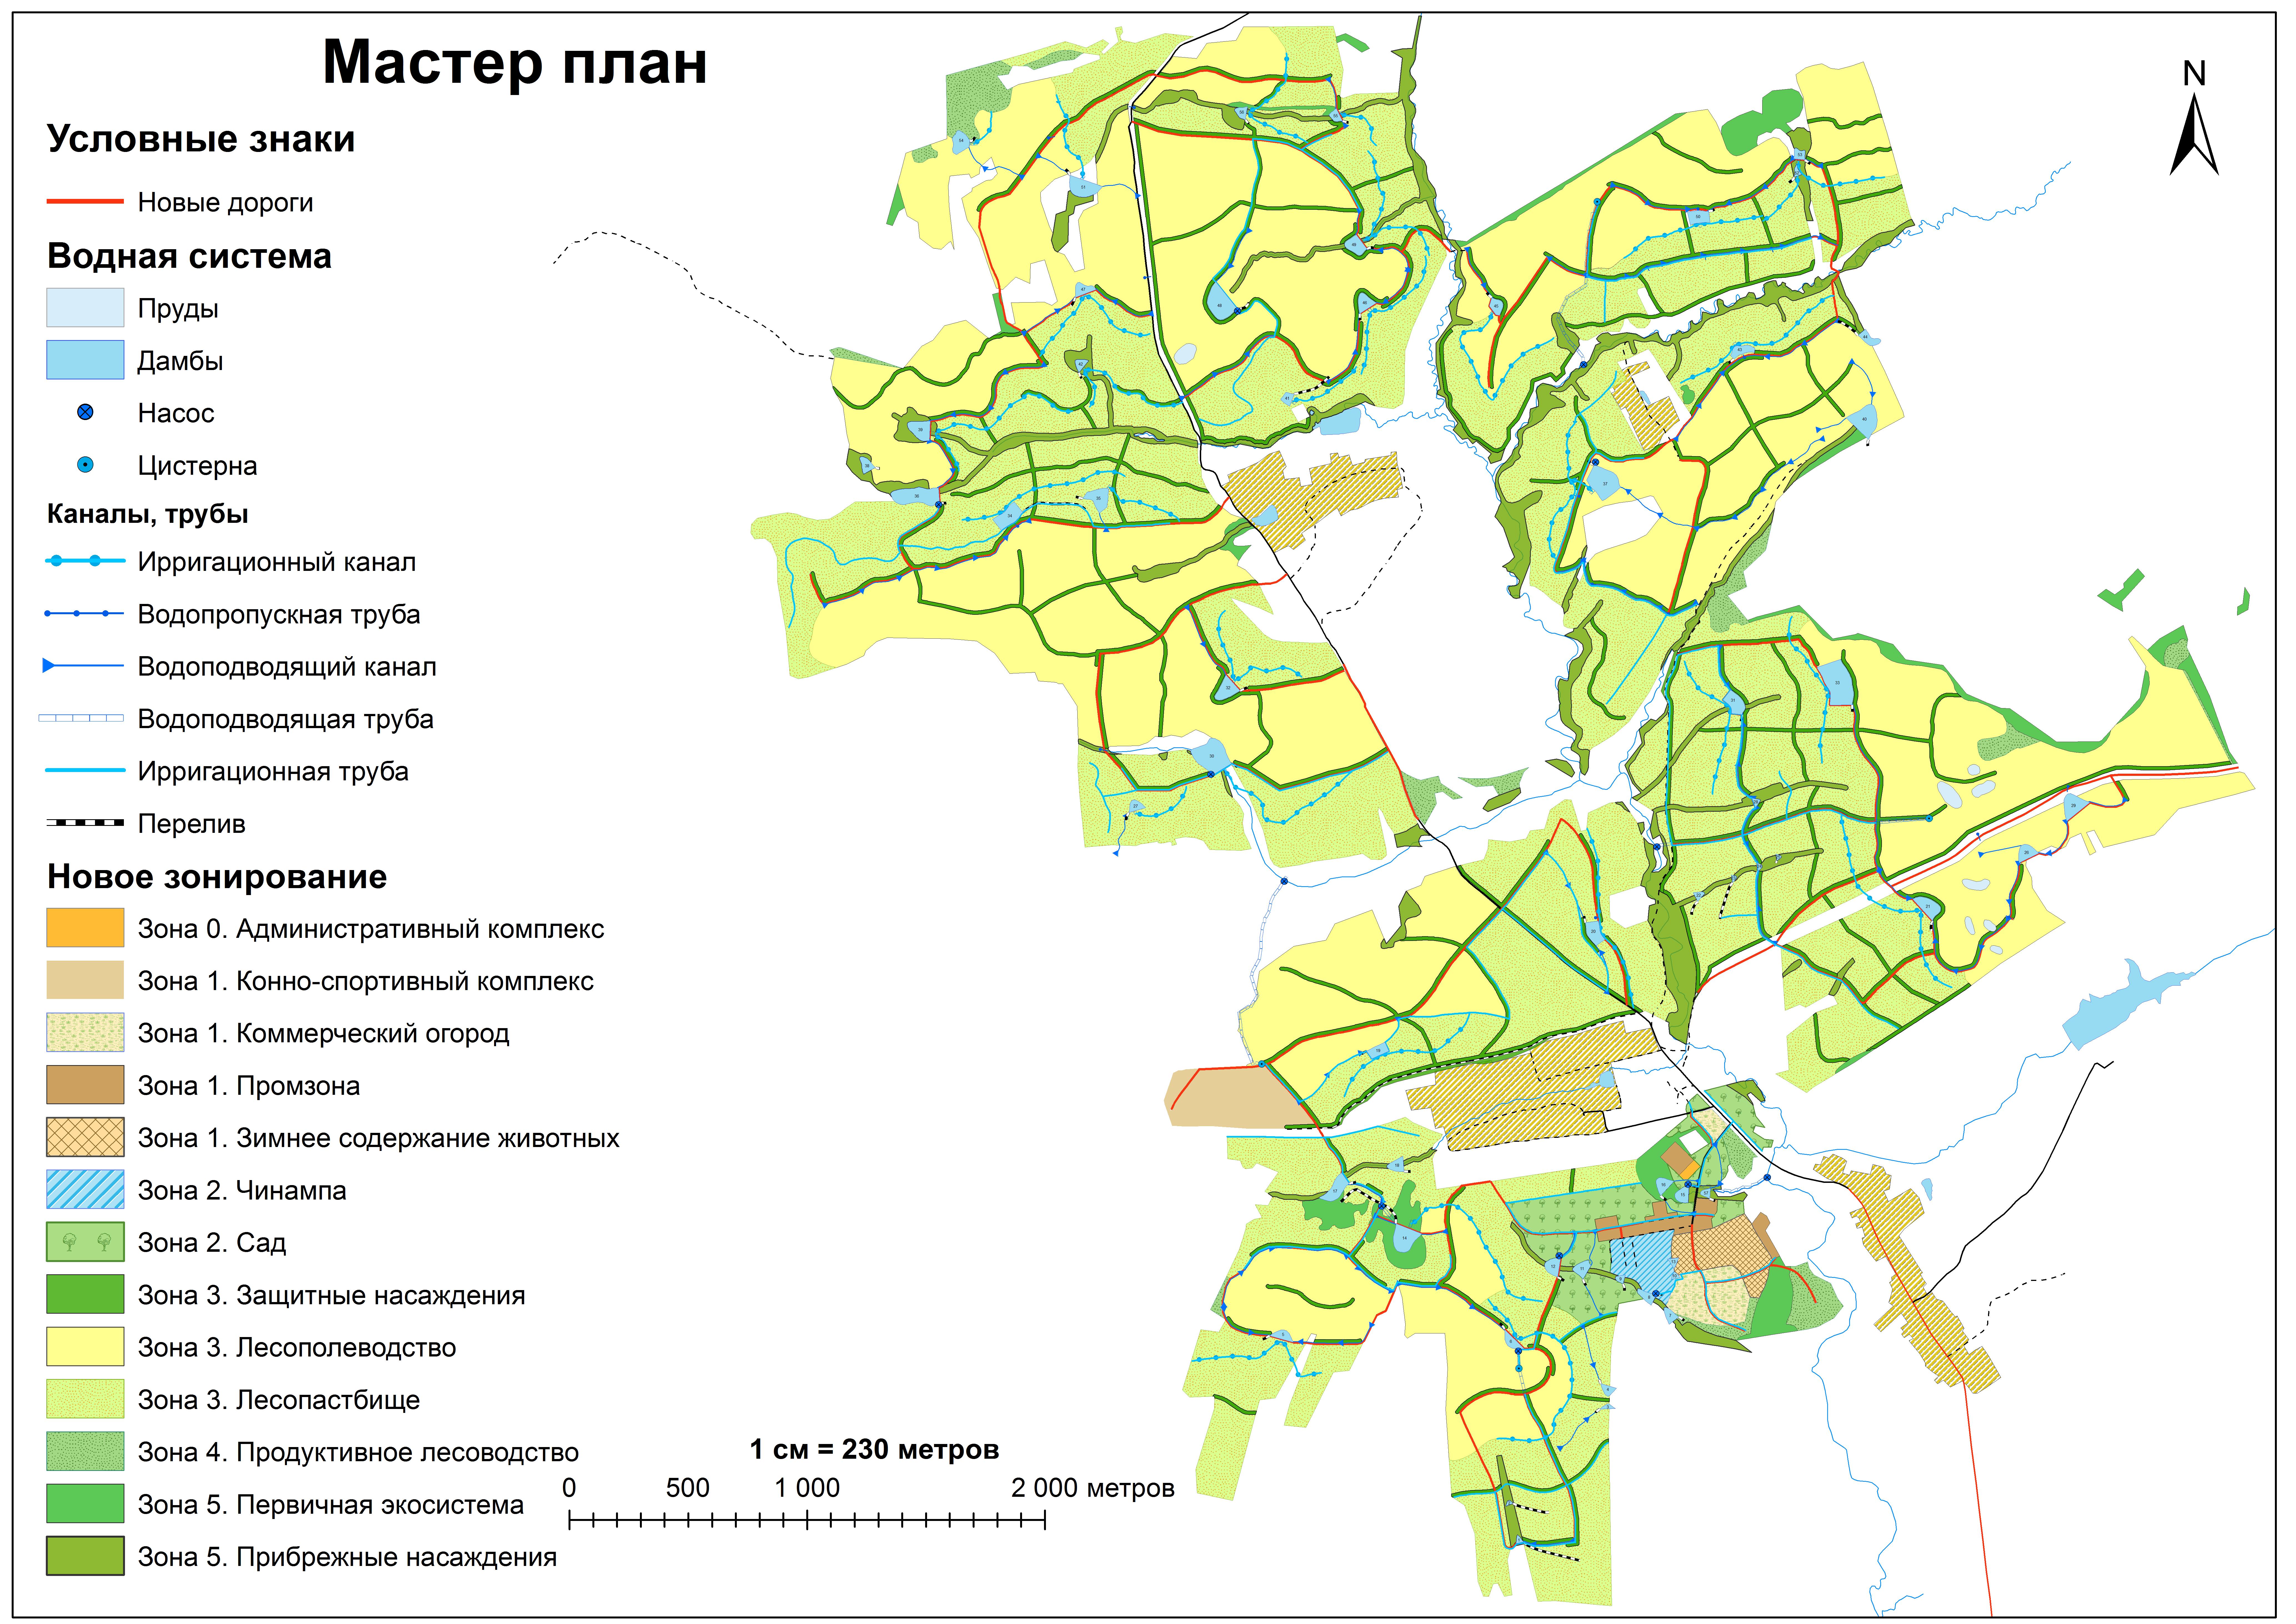 Целостное землеустройство — Крупномасштабные территории